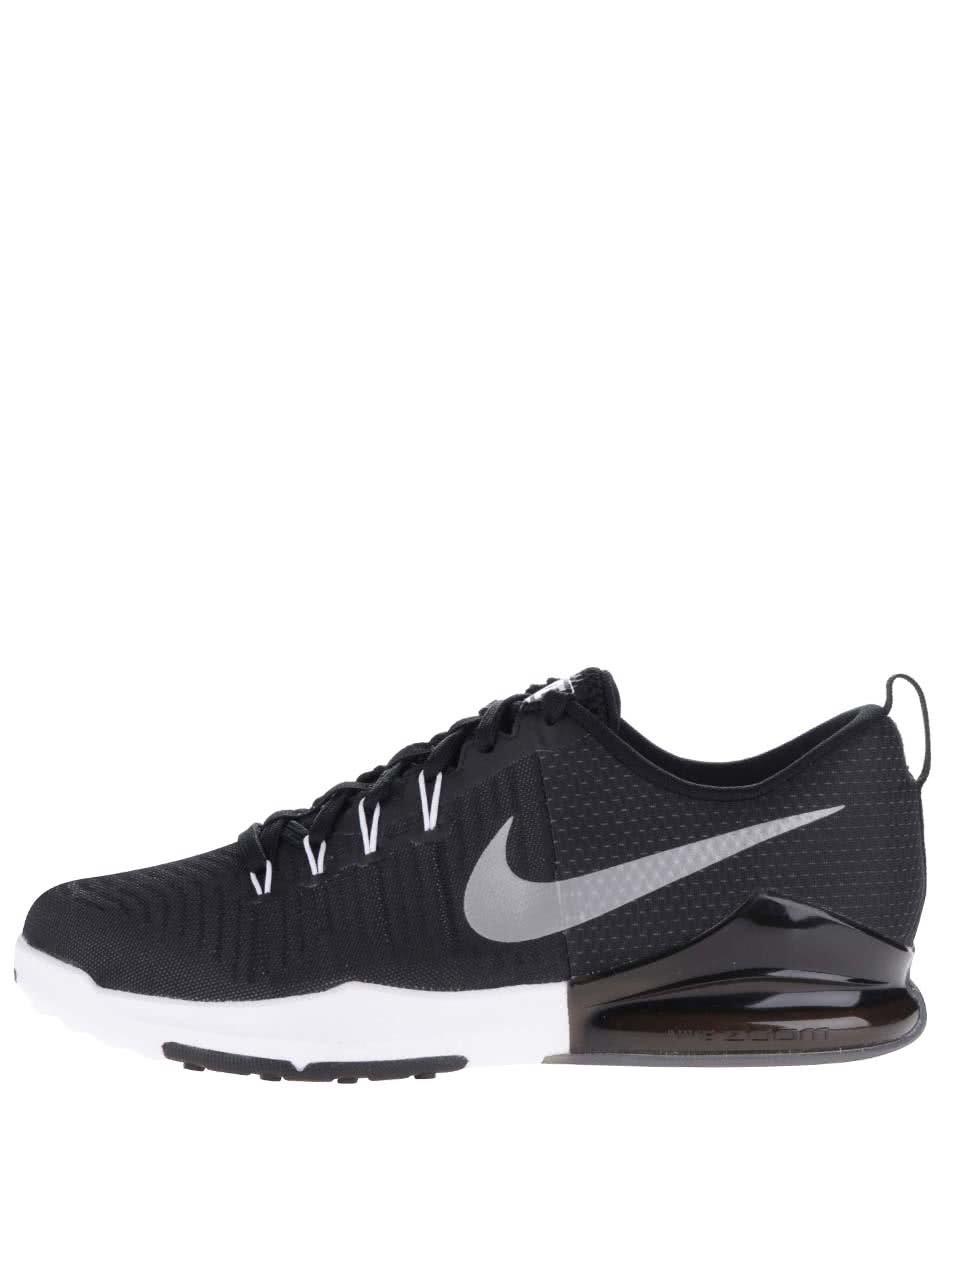 Bílo-černé pánské tenisky Nike Train Action